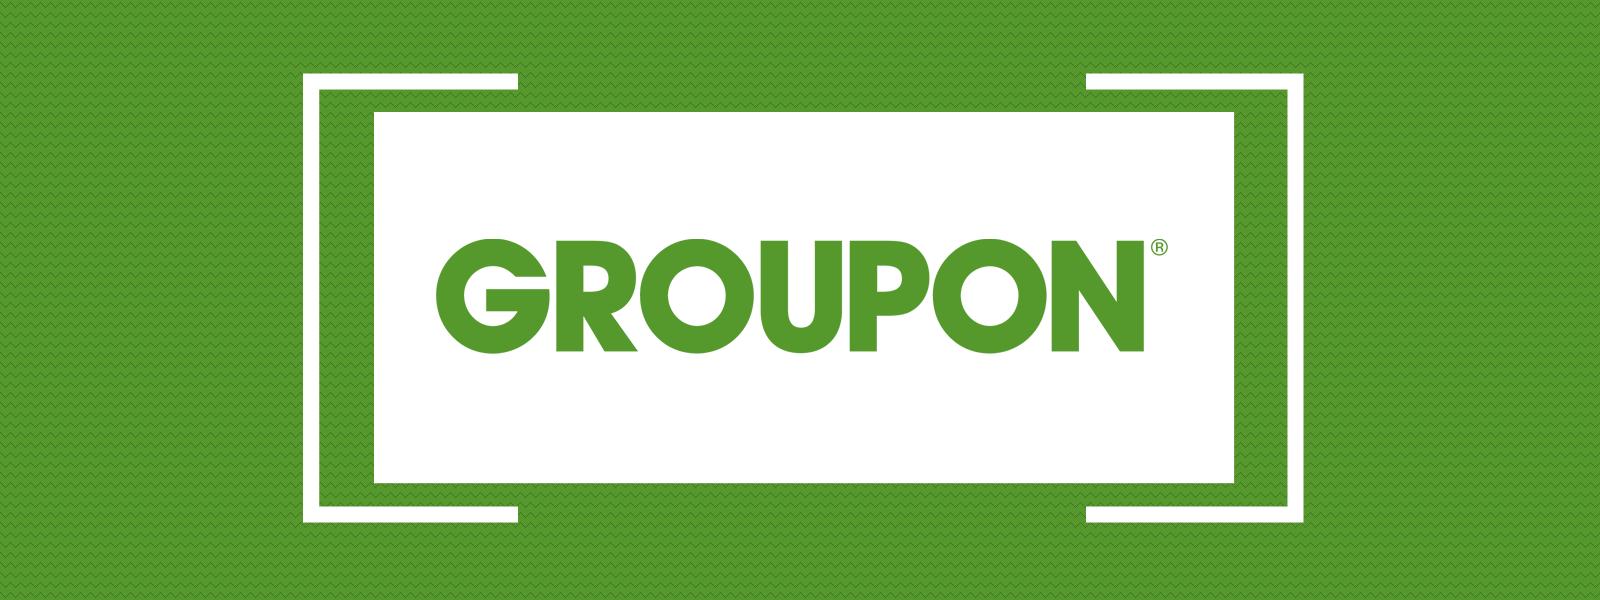 sites like groupon